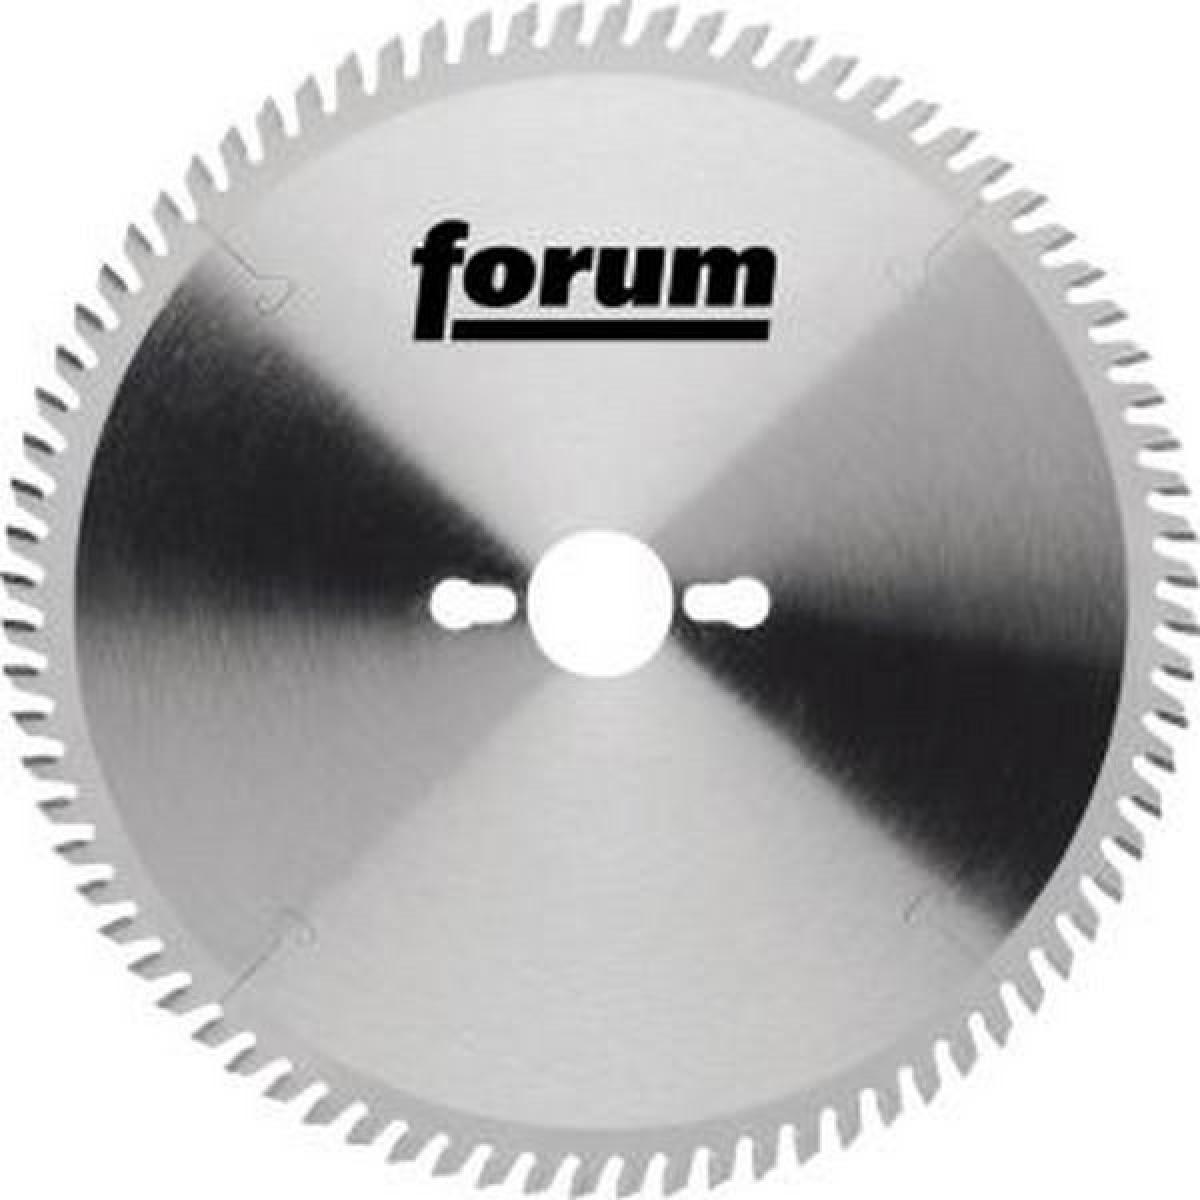 Forum Lame de scie circulaire, Ø : 315 mm, Larg. : 3,5 mm, Alésage 30 mm, Perçages secondaires : 2KNL*, Dents : 28